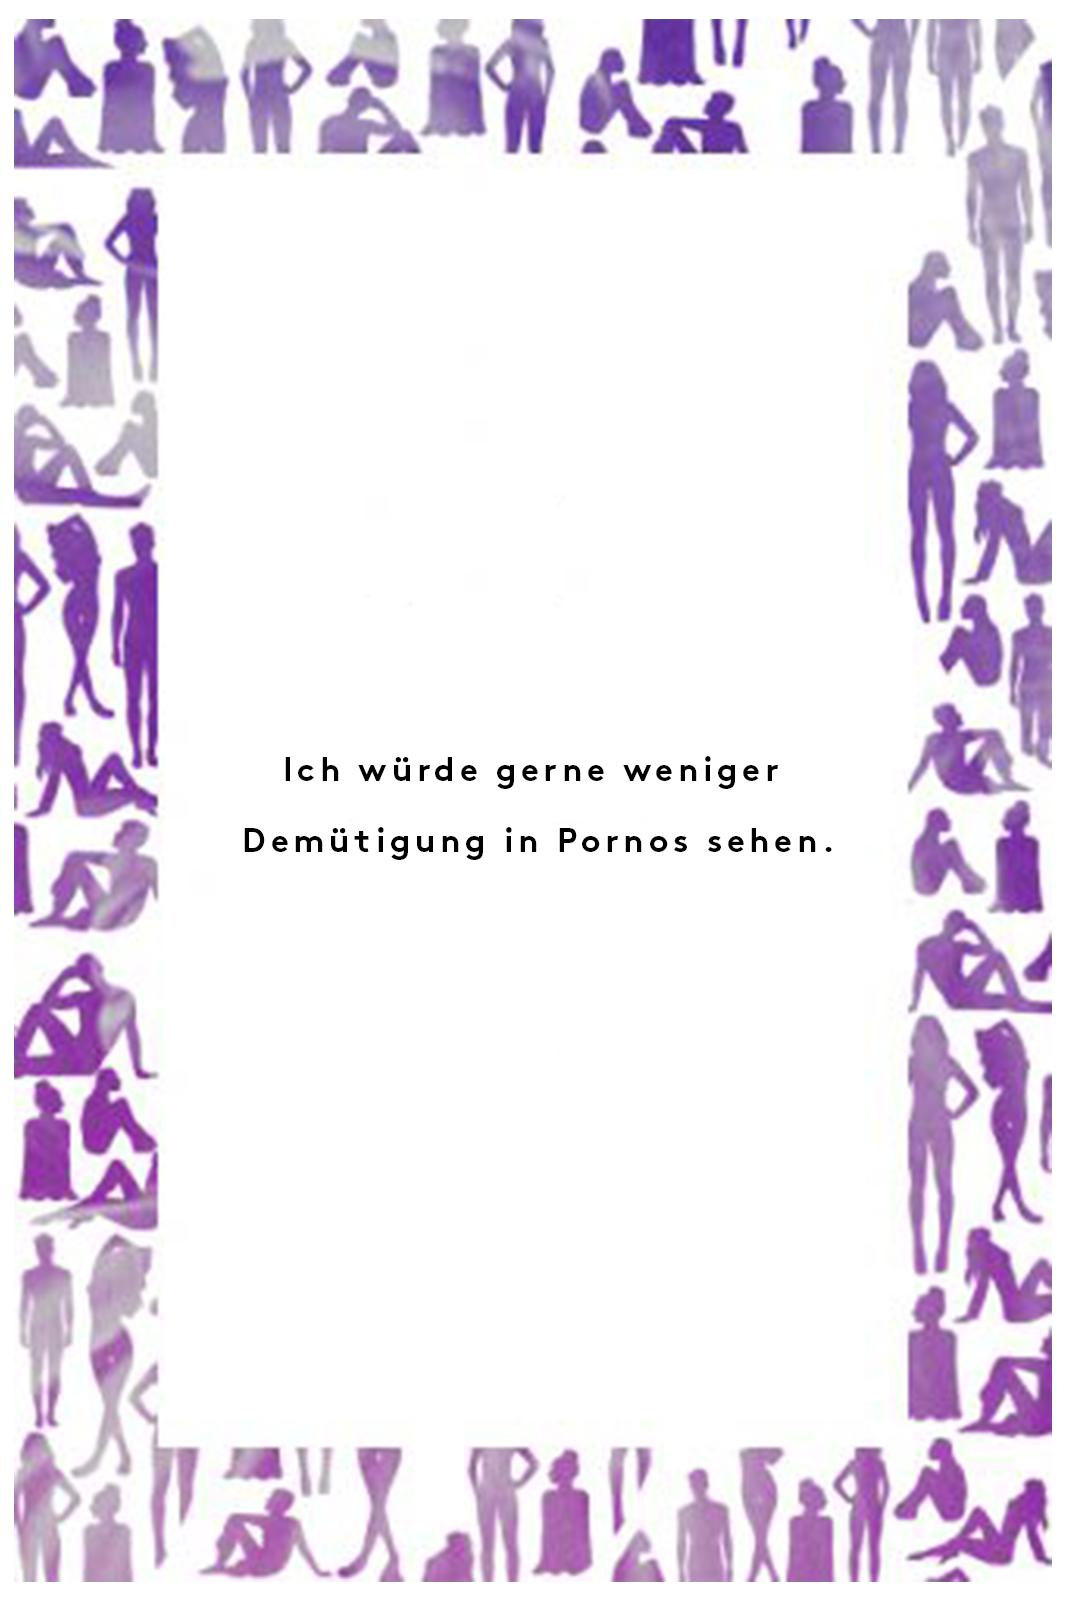 Zögerliche Dreier-Pornos Chef schwul Pornos